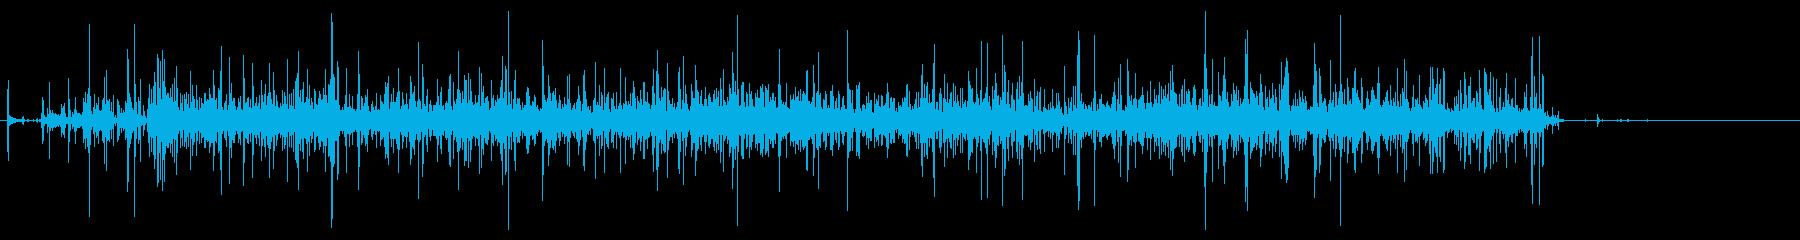 手挽きコーヒーミル 挽く音 長いの再生済みの波形